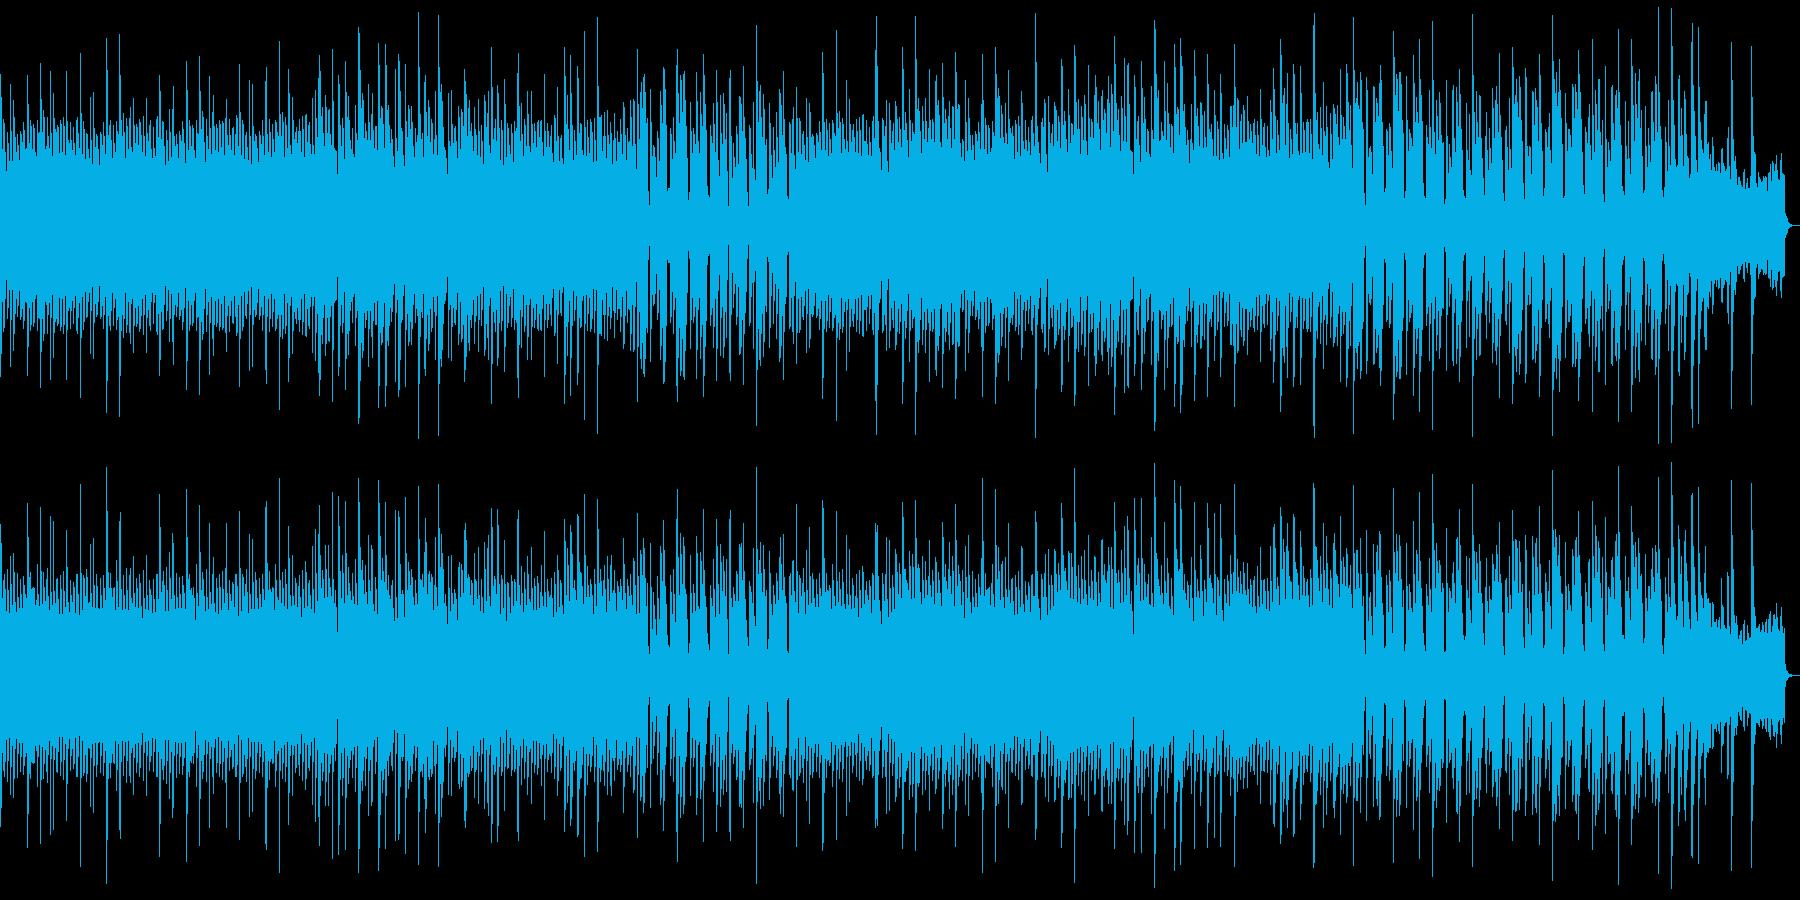 8bit ダークファンタジーなBGMの再生済みの波形